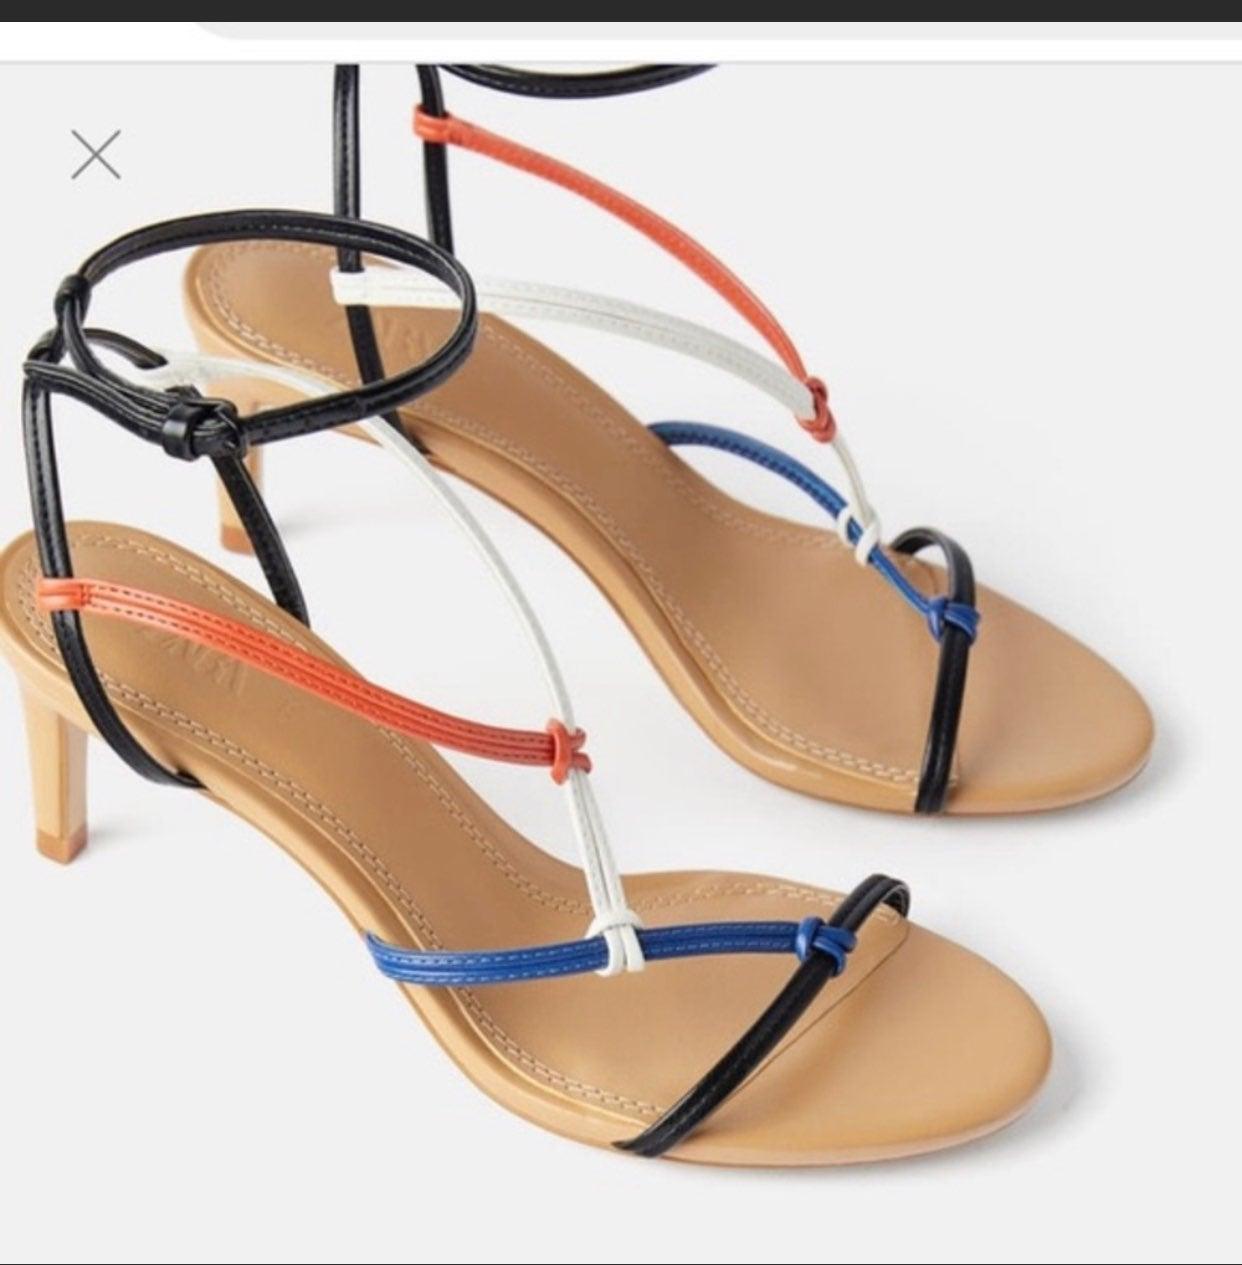 ZARA Multi color mid heel strappy sandal